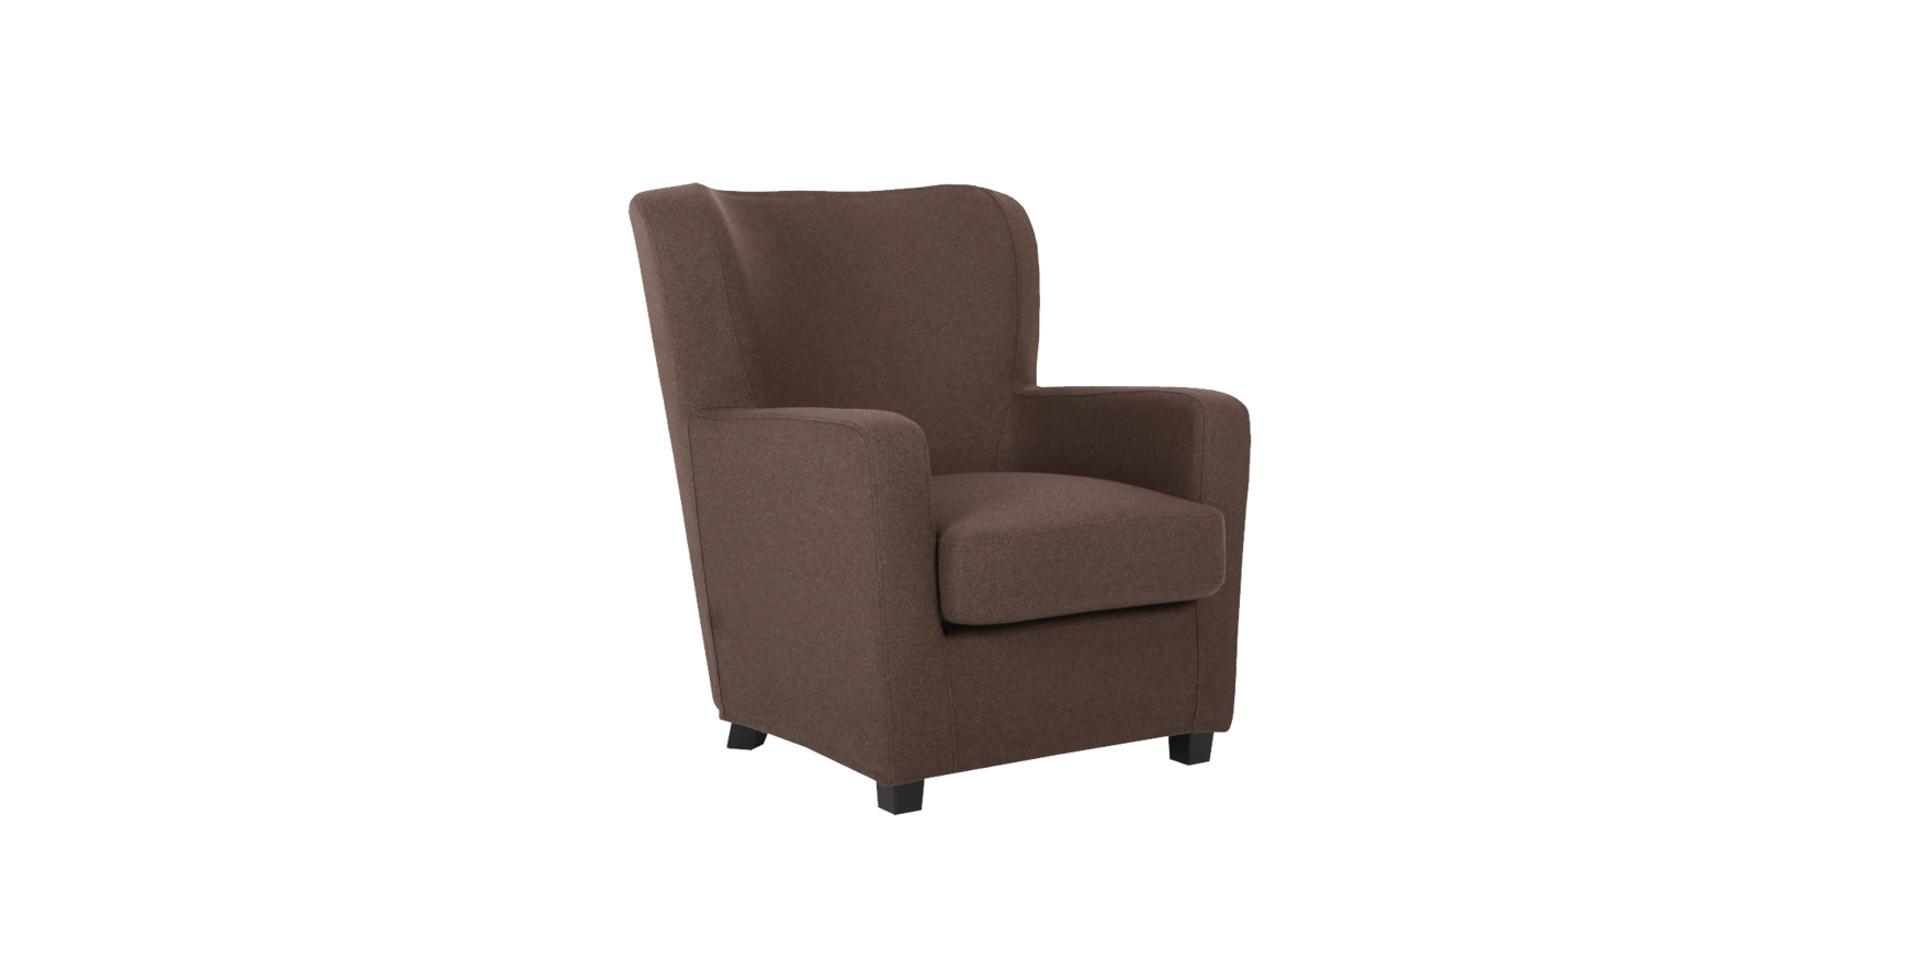 sits-ellen-fauteuil-armchair_panno1008_brown_2